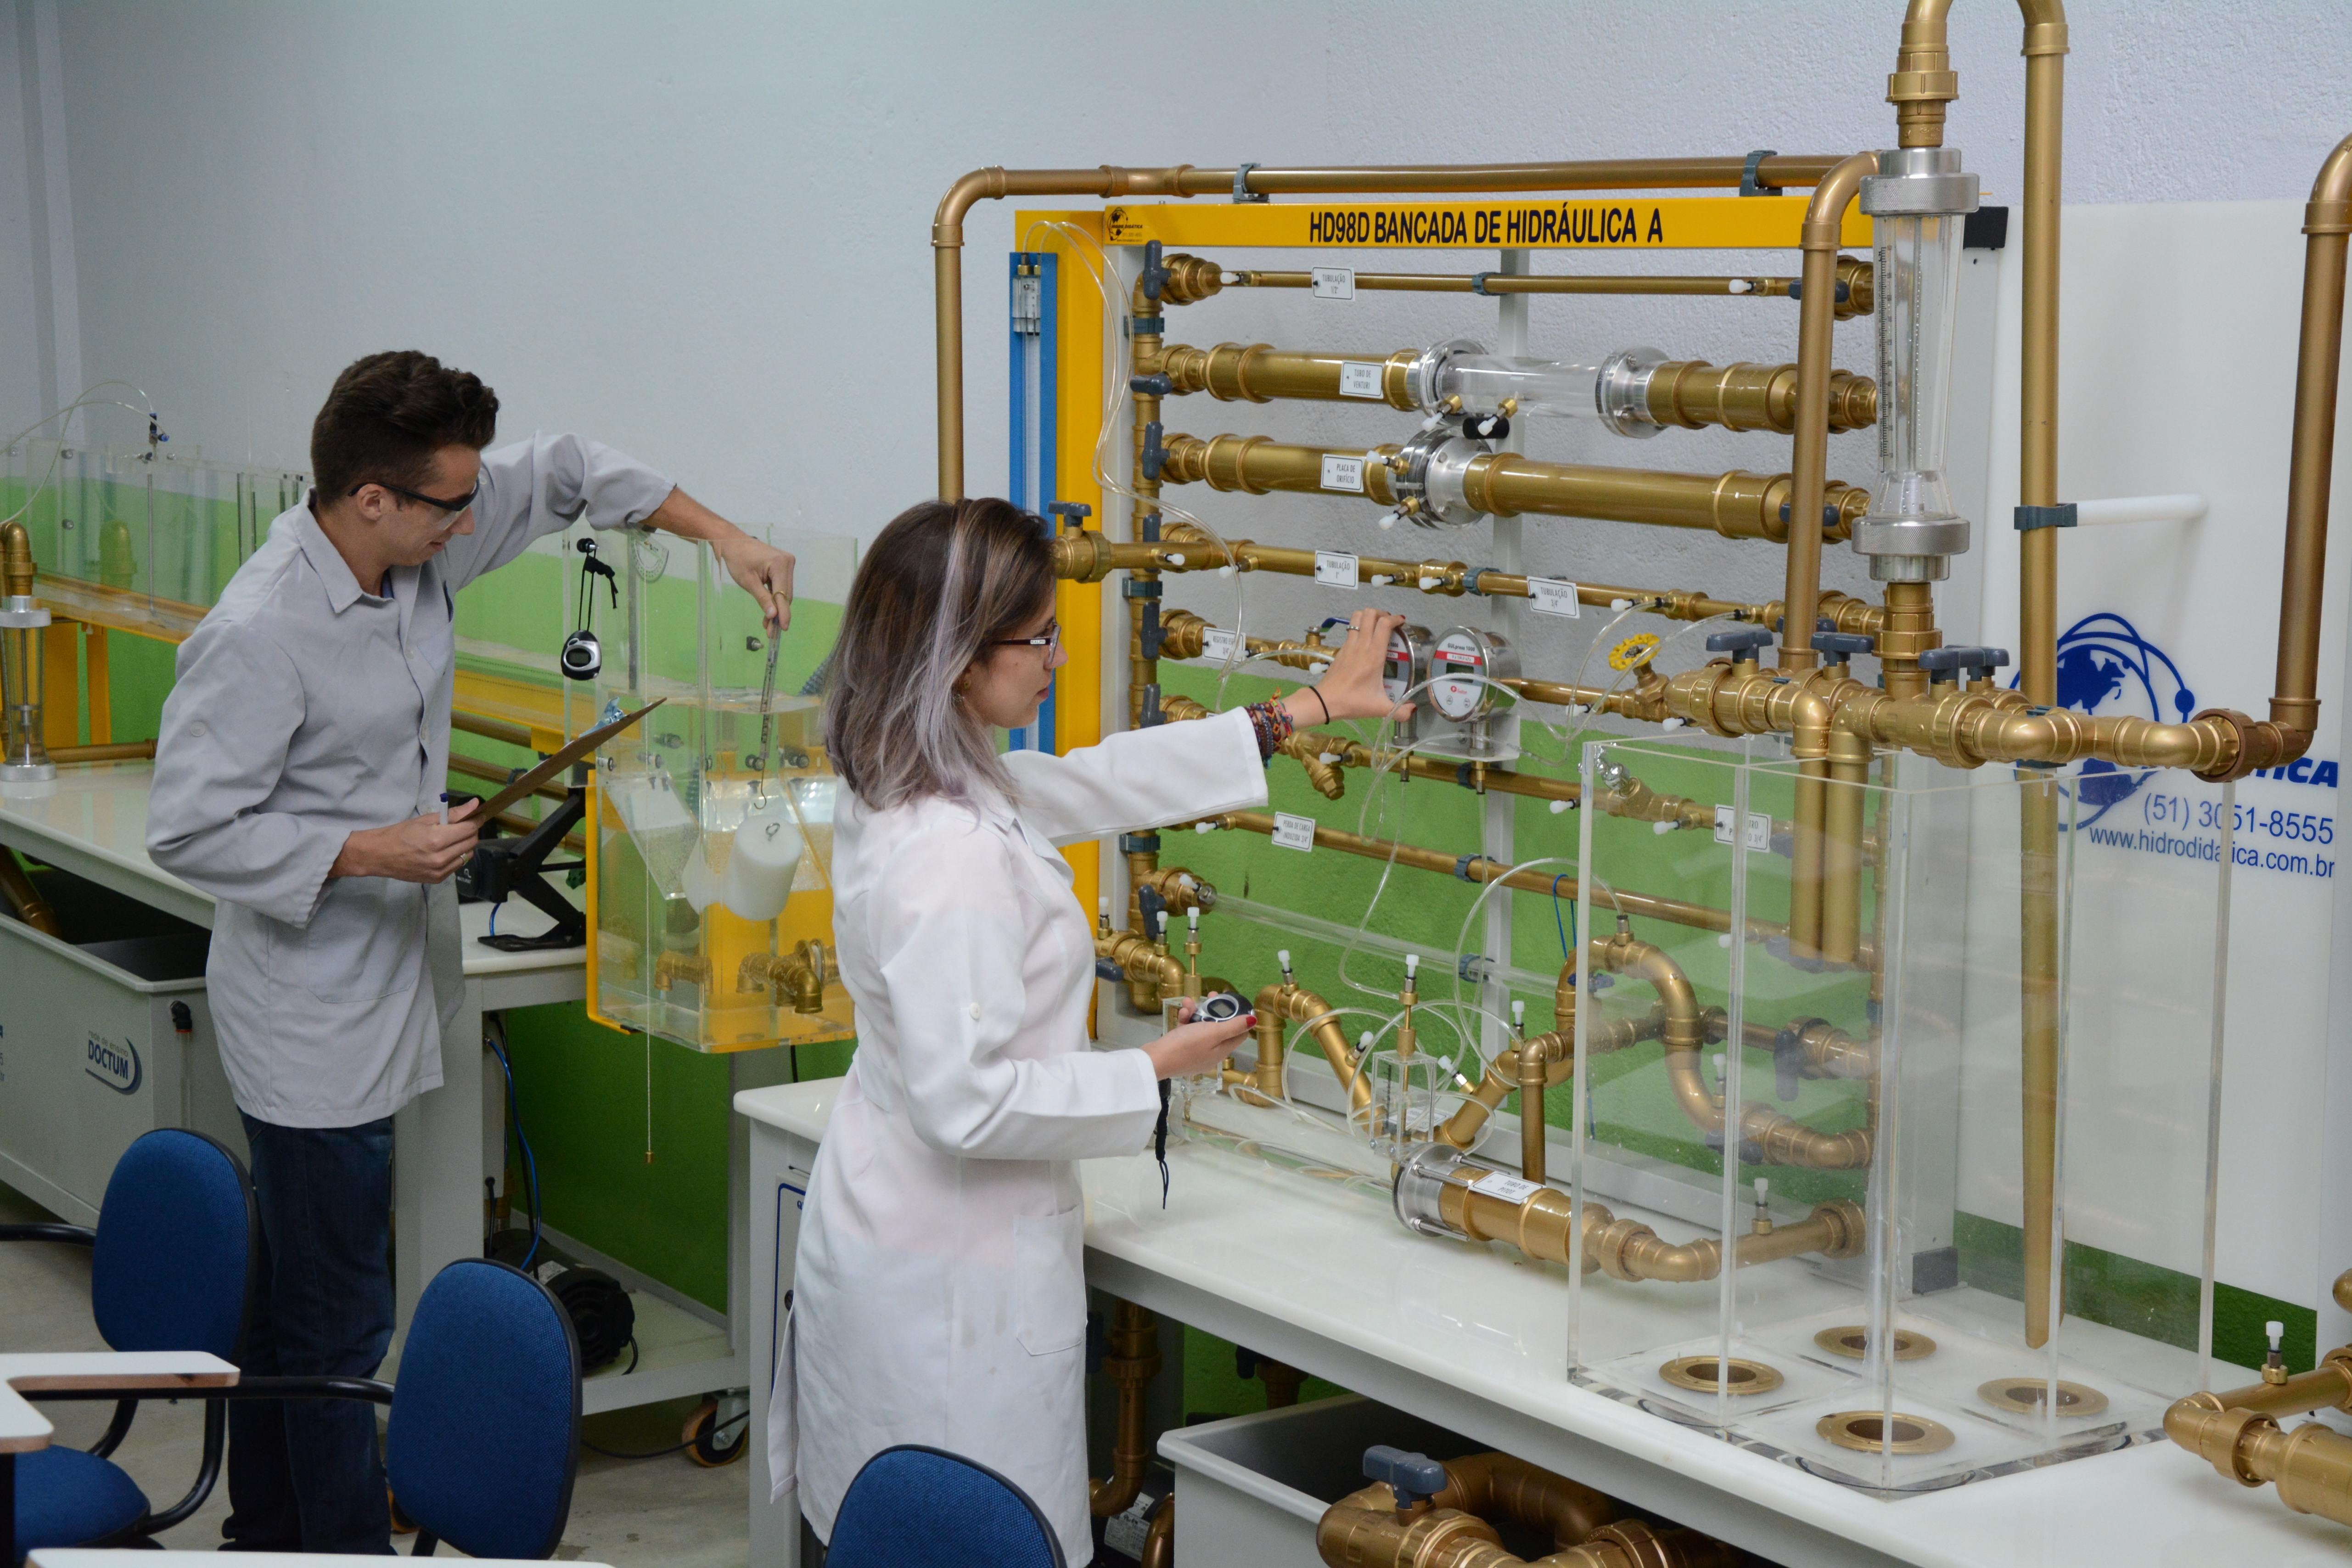 Cursos de Engenharia Ambiental e Civil, Campus Juiz de Fora, recebem nota 4 na avaliação do MEC